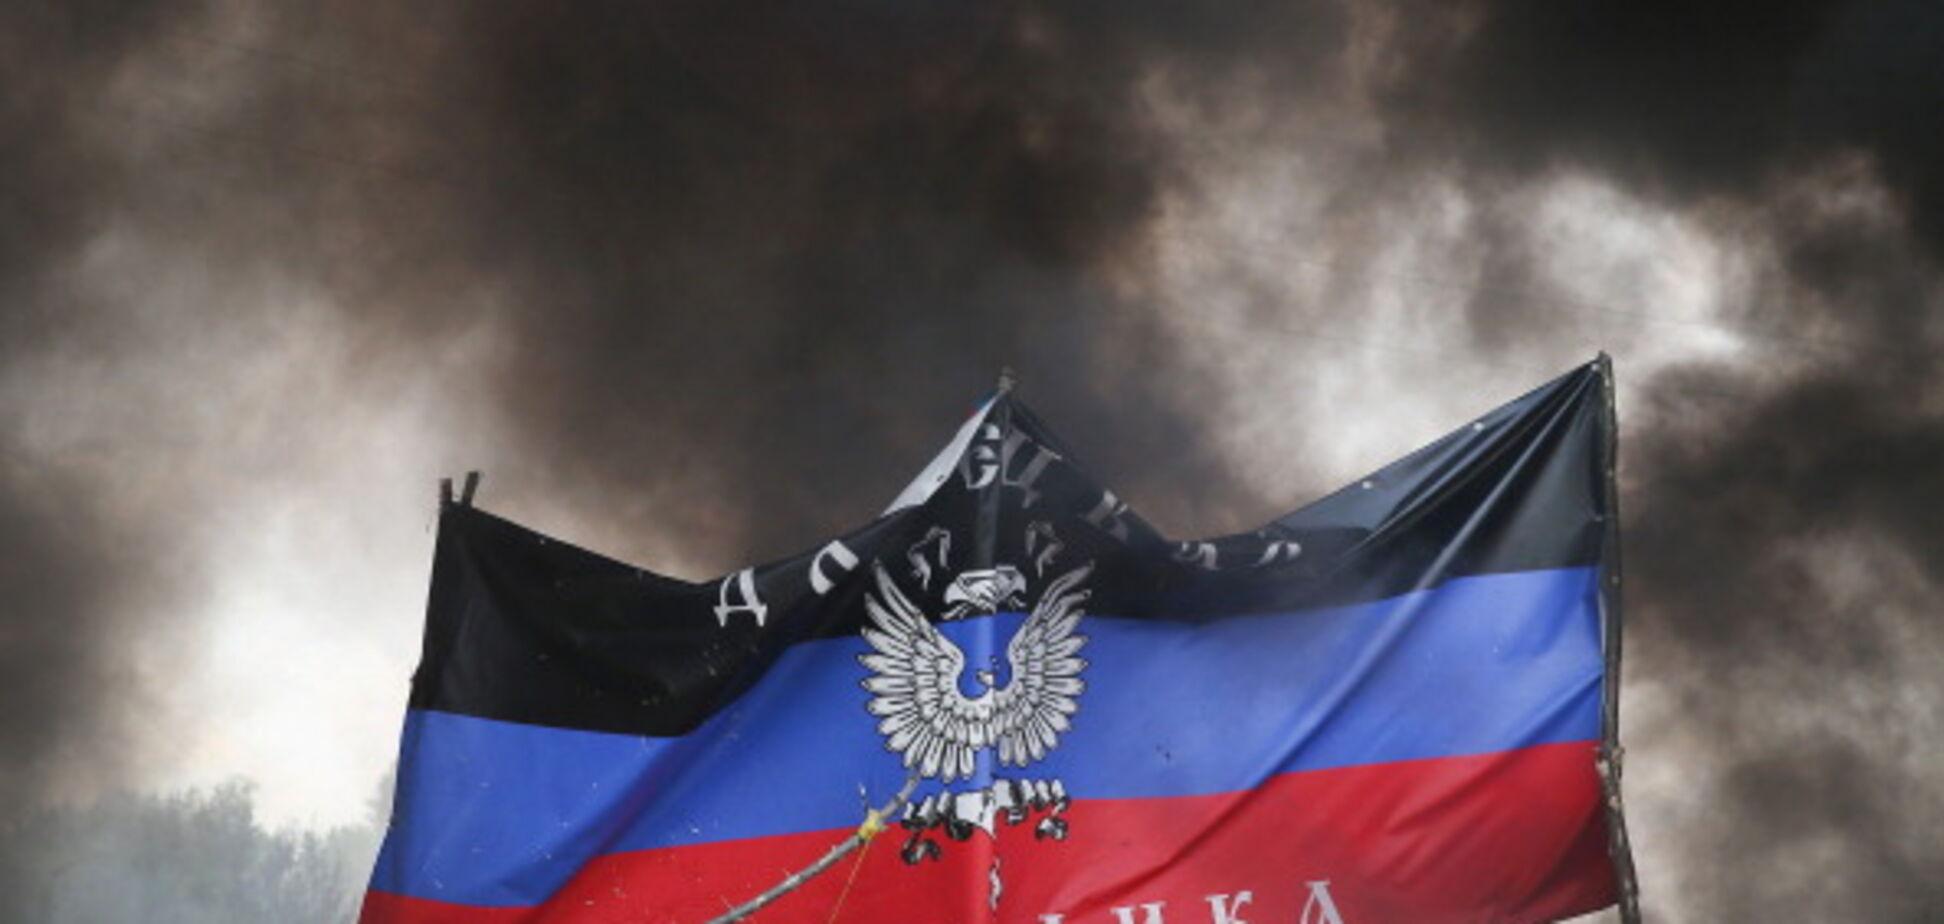 Вся 'ДНР' в одном фото: в сети высмеяли псевдореспублику на Донбассе